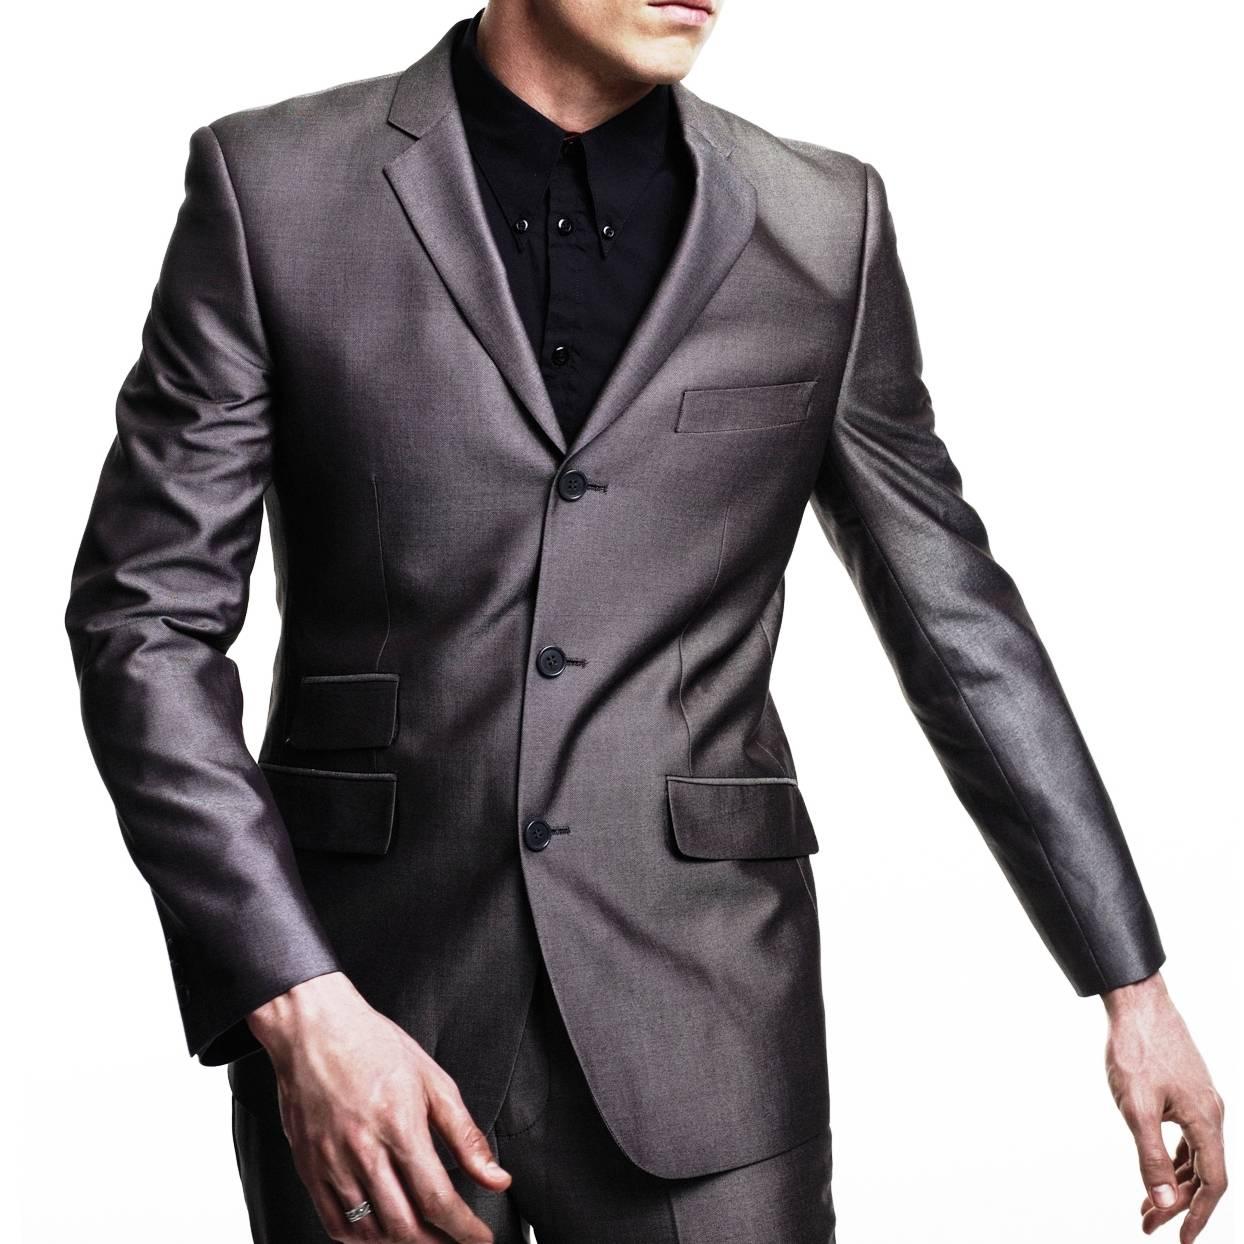 Пиджак Gin JktКостюмы и пиджаки<br>Мужской костюм-двойка из мягкой комбинированной ткани с эффектом отлива – современная стилизация исторической модели Tonic Suit – иконы mod look 60-х, прославленной британскими модами Свингующего Лондона. Прилегающий пиджак с узкими лацканами и декоративны двойным карманом справа, атласная малиновая подкладка, сужающиеся к низу брюки, – именно в такой костюм одевался культовый персонаж знаменитого фильма о мод-культуре Quadrophenia (Квадрофения) – лондонский мод Джим. Знаковым, исконным элементом мод стиля было сочетание Tonic Suit с мешковатой защитно-зеленой военной фиштейл паркой, сохранявшей наряд во время поездки на скутере. Сегодня этот костюм отлично вписывается как в формальный, так и в клубный smart casual дресс-код в сочетании с рубашкой button-down и классической обувью Челси или Дерби. Подкладка - 50% полиэстер, 50% ацетат.<br><br>Артикул: 1210109J<br>Материал: 77% полиэстер, 23% вискоза<br>Цвет: мокрого асфальта<br>Пол: Мужской